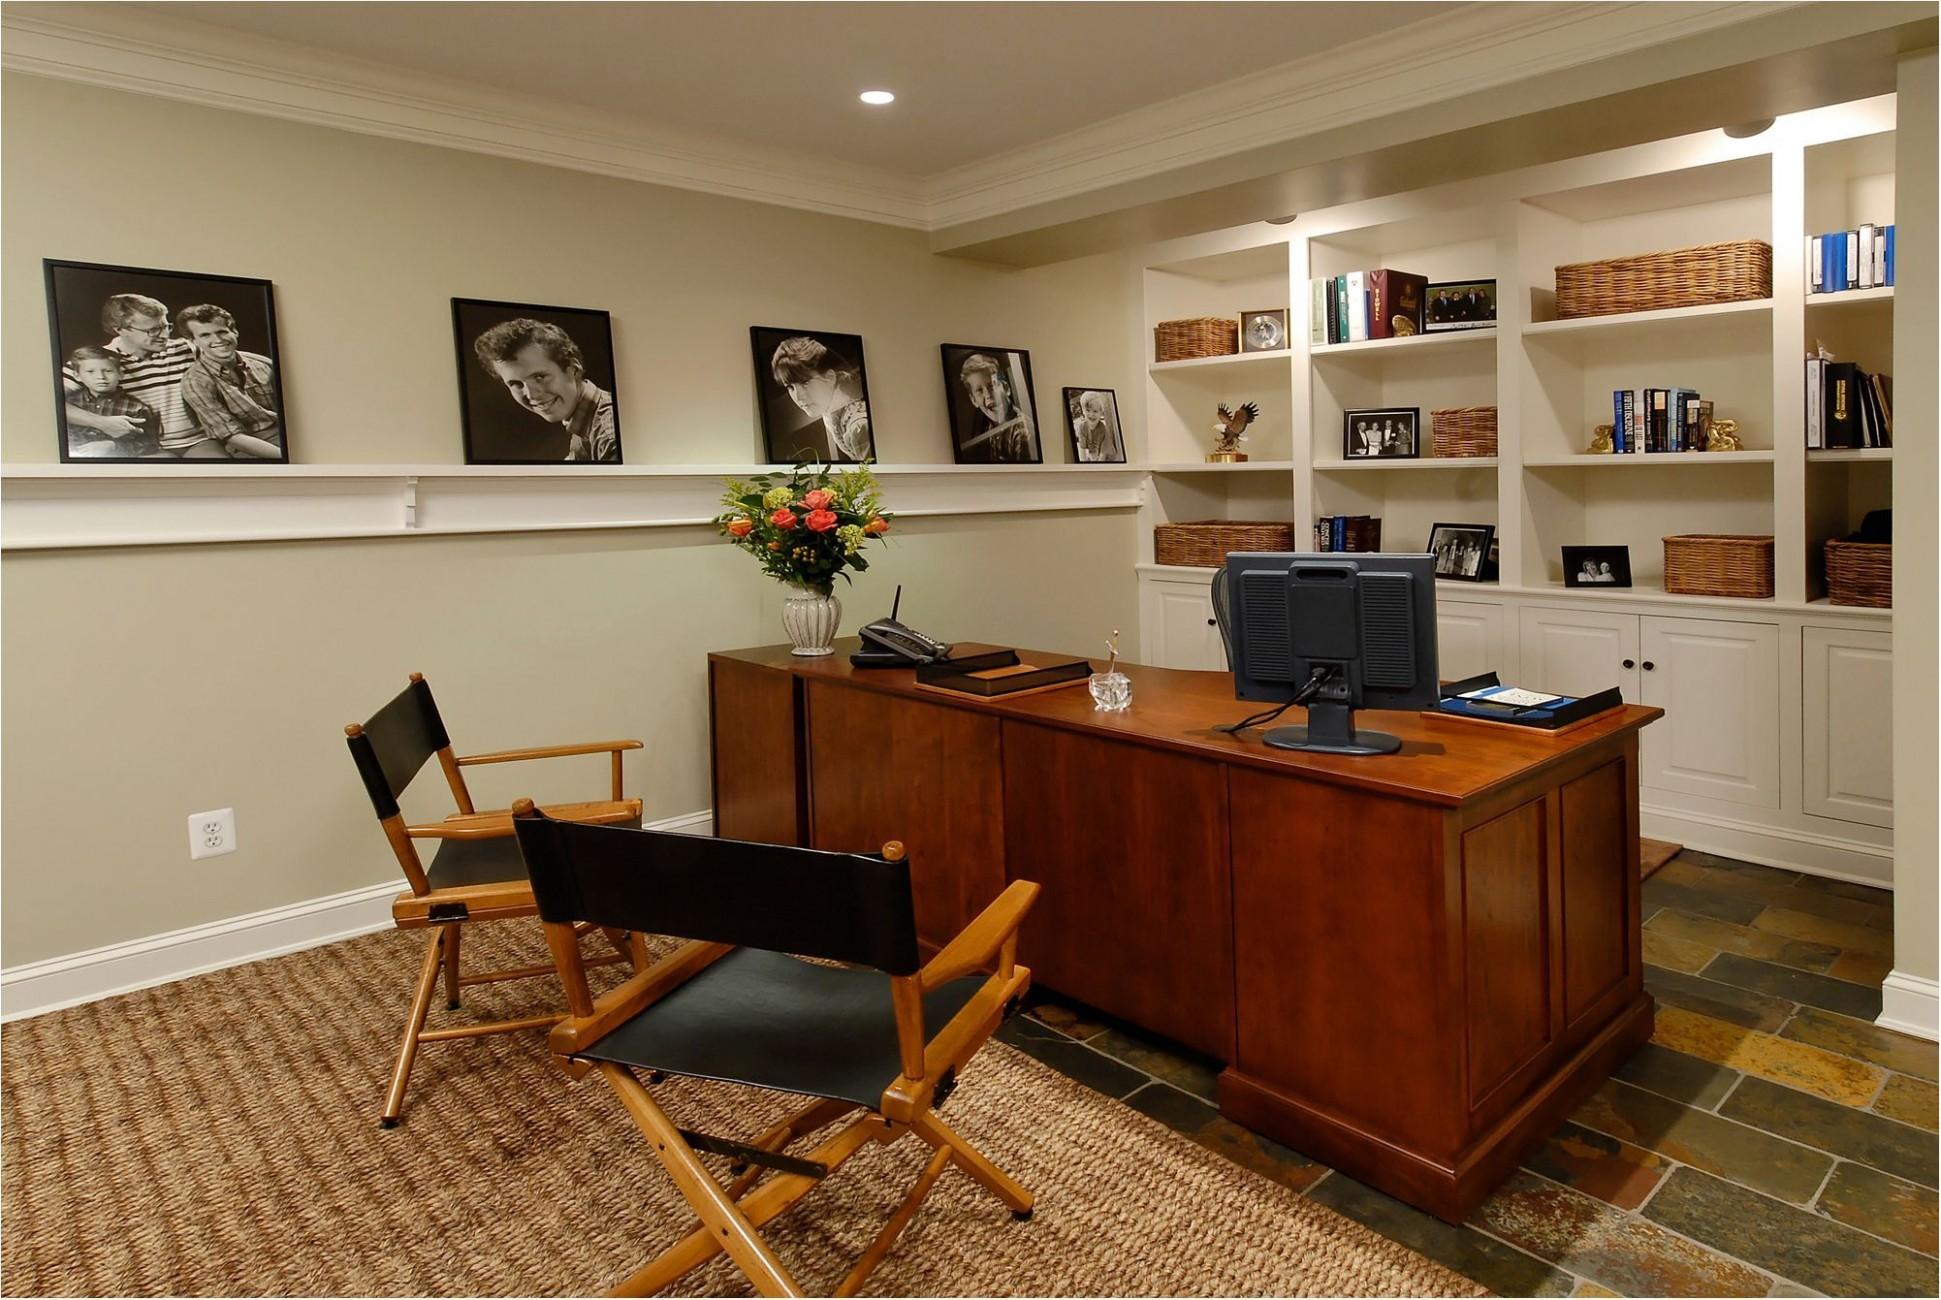 Superb Basement Office Ideas  Office interior design modern  - Home Office Ideas Basement